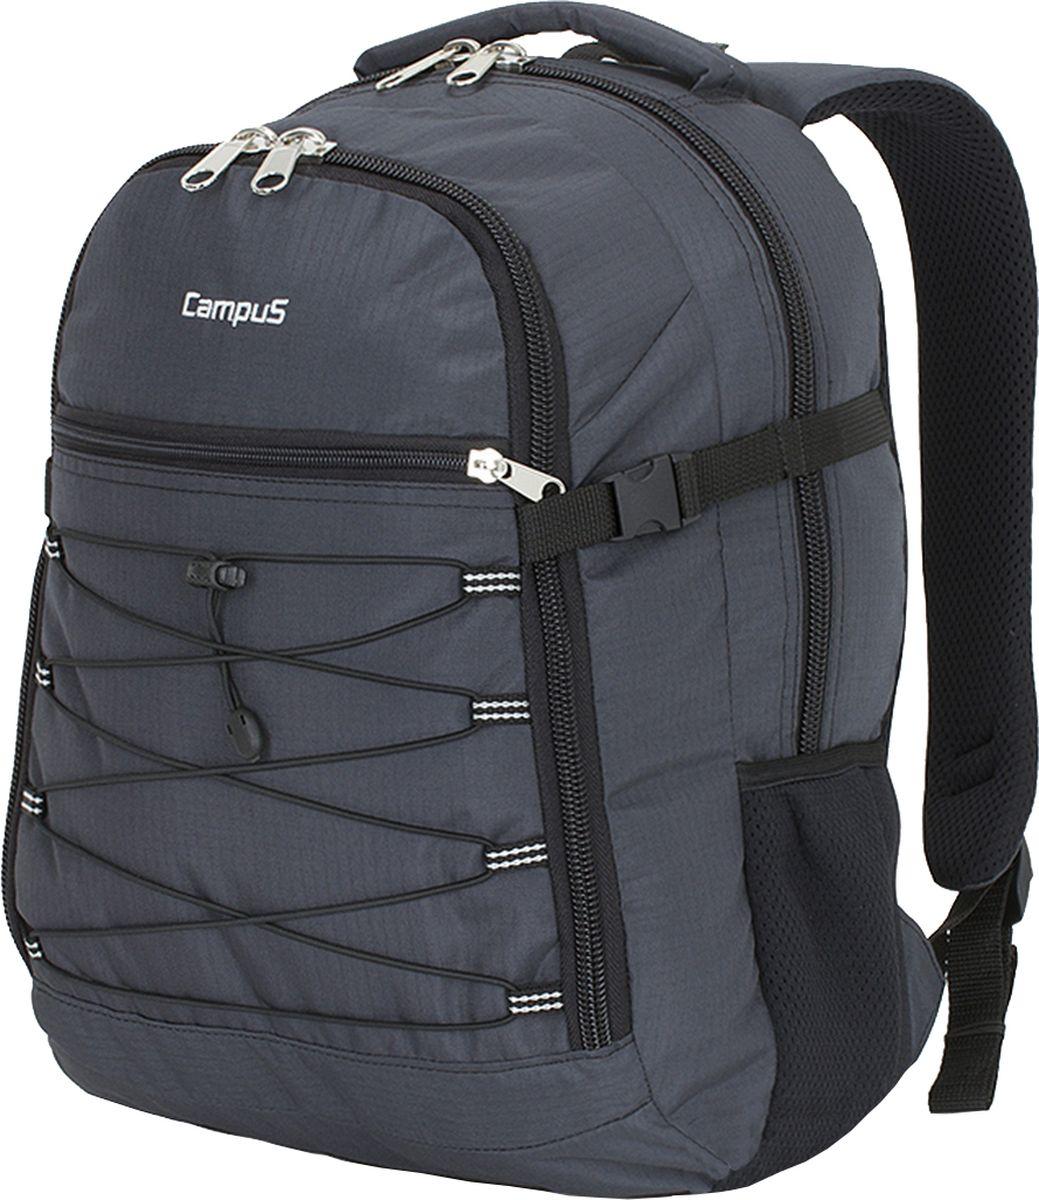 Рюкзак городской Campus Murter, цвет: графитовый, 35 л. 50380251827035038025182703Рюкзак Campus Murter идеально подходит для пеших прогулок, так и для повседневного использования. Рюкзак сделан из высококачественныхматериалов, поэтому отличается высокой прочностью.Особенности рюкзака: - материал полиэстер ripstop,- очень прочные и долговечные молнии,- усиленная нижняя часть рюкзака,- два основных отделения, на молнии, в одном из них имеетсяорганайзер на молнии,- передний карман на молнии,- резиновый рант на переднем кармане,- боковые компрессионные ремни,- боковой карман для фляги,- ручка для переноски,- ручка (держатель), чтобы повесить рюкзак,- удобная спинка и плечевые ремни.